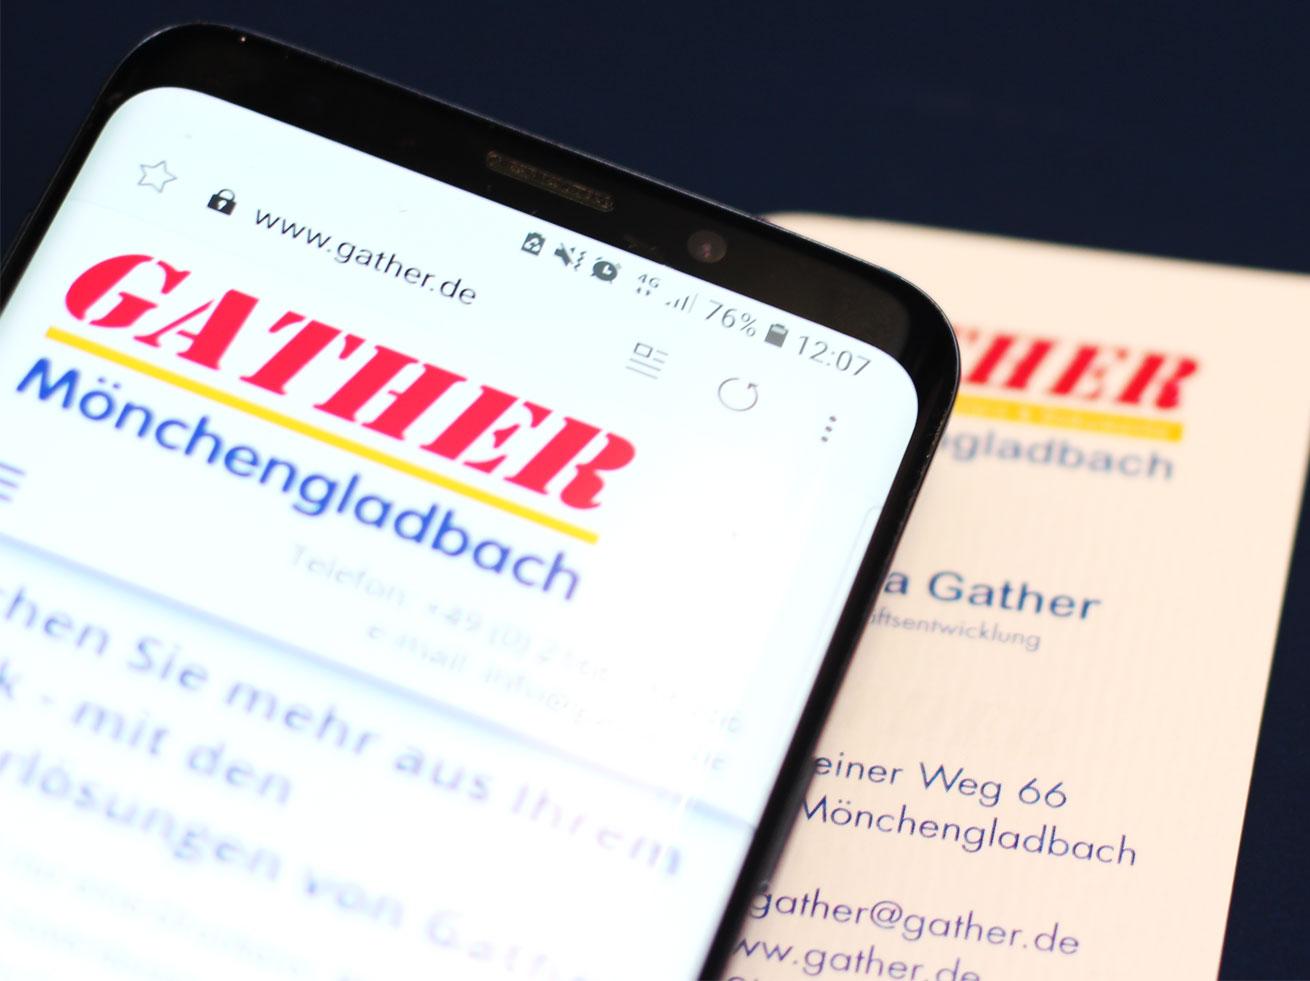 Rfid Chips Und Nfc Technologie Gather Mönchengladbach